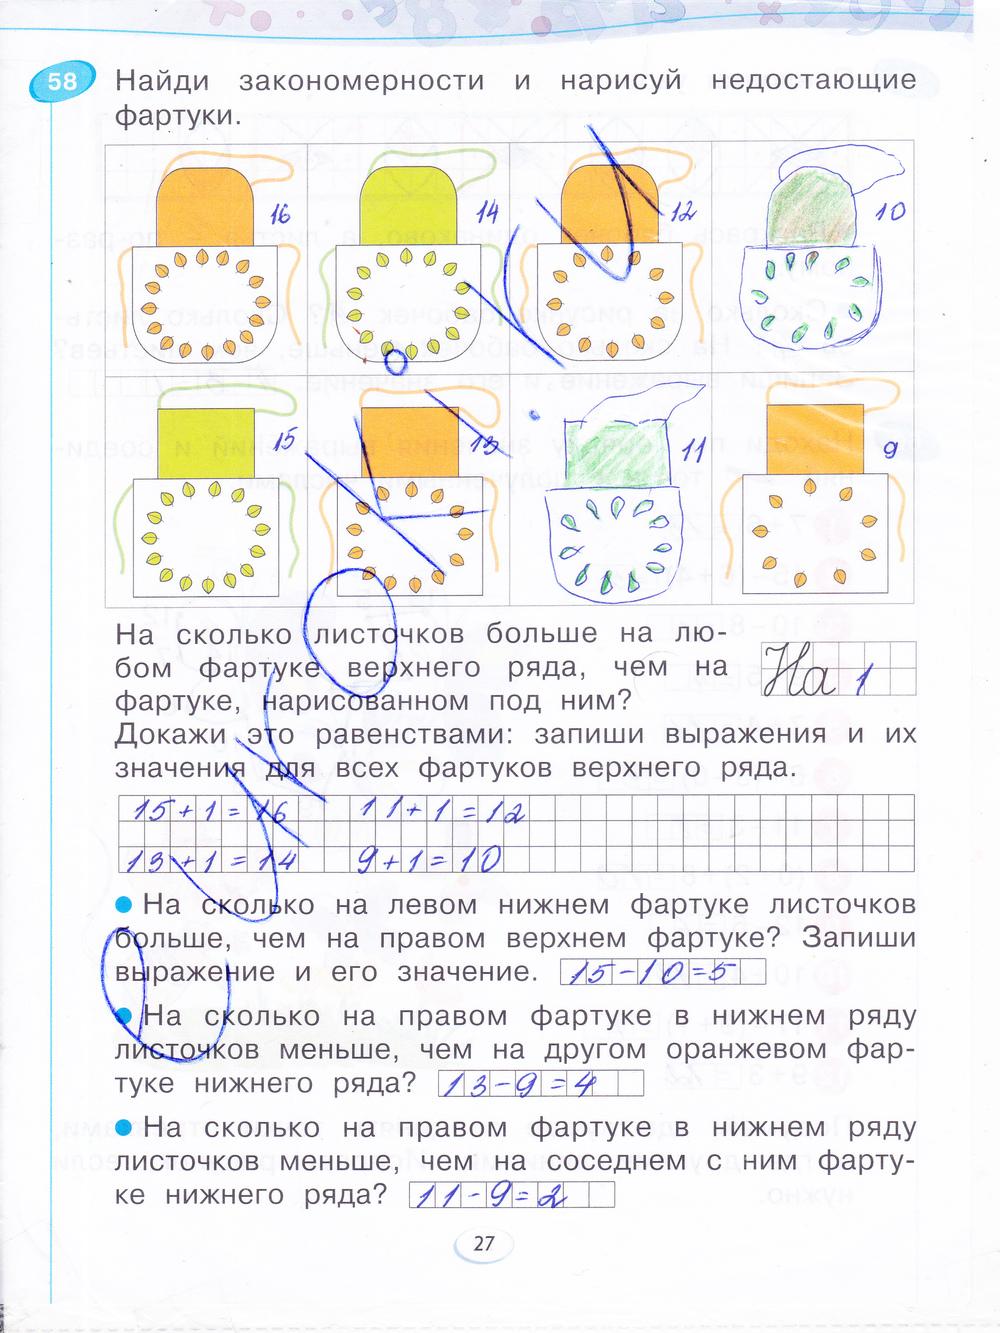 ГДЗ по математике 4 класс Бененсон Итина рабочая тетрадь решебник